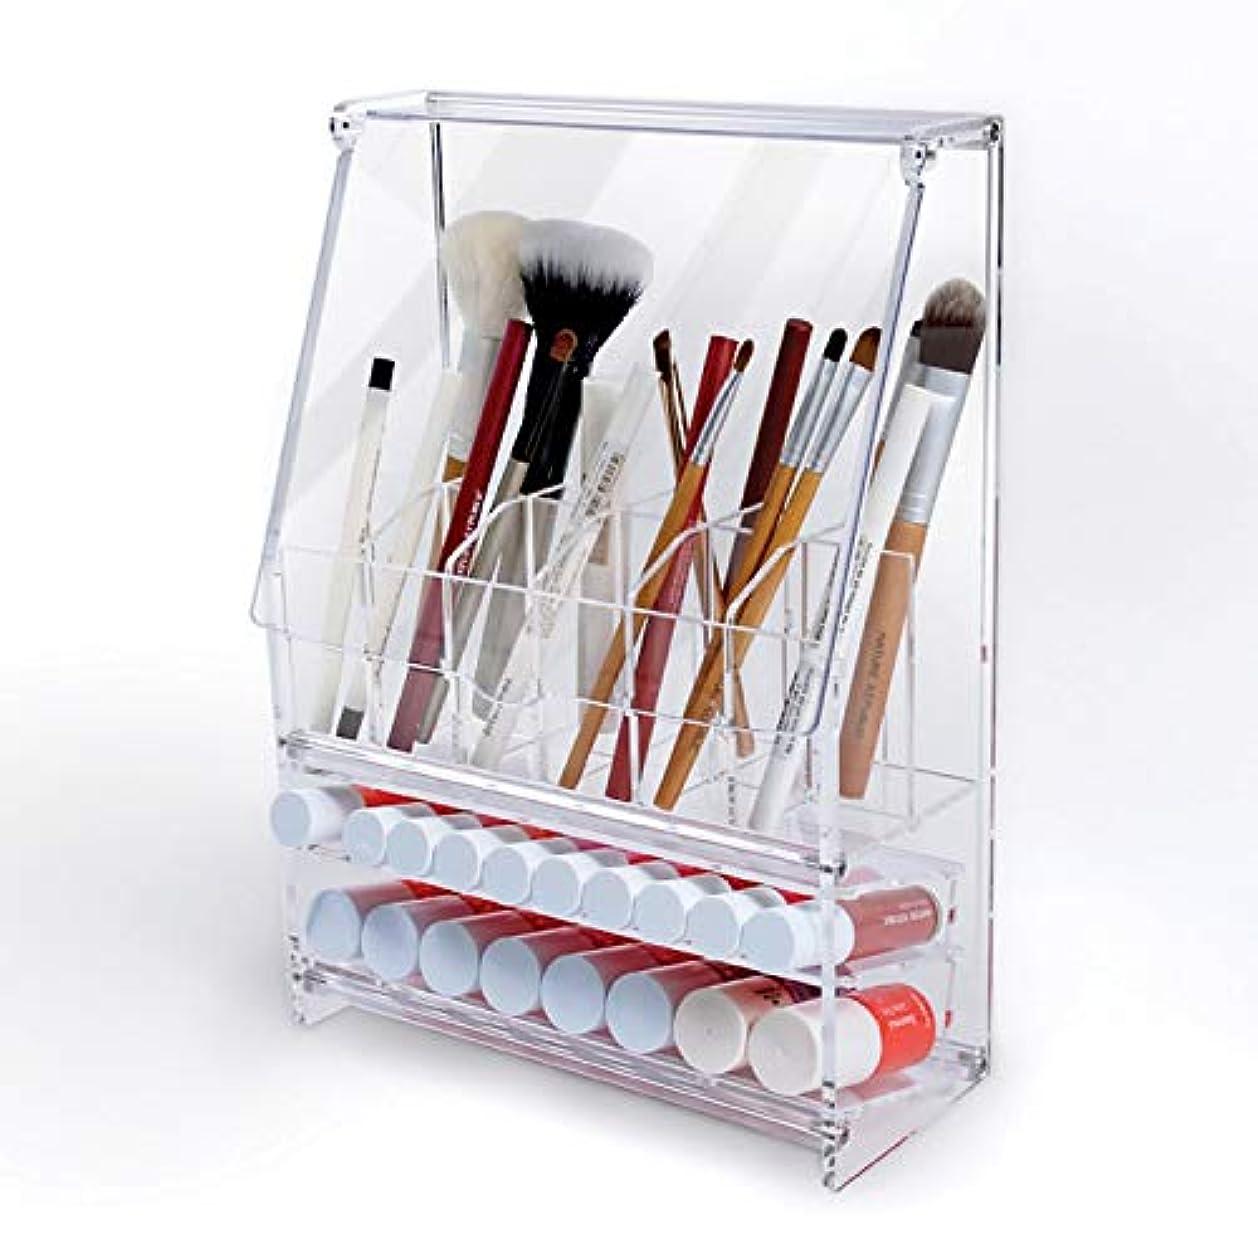 報復する川安いですAtic Acrylic アクリル DIY 透明 コスメケース 蓋付き/メイクケース メイク ボックス 化粧品 入れ コスメ リップスティック ブラシ 収納 スタンド/Organizer storage For Pencil &Brush &Lipstick [並行輸入品]